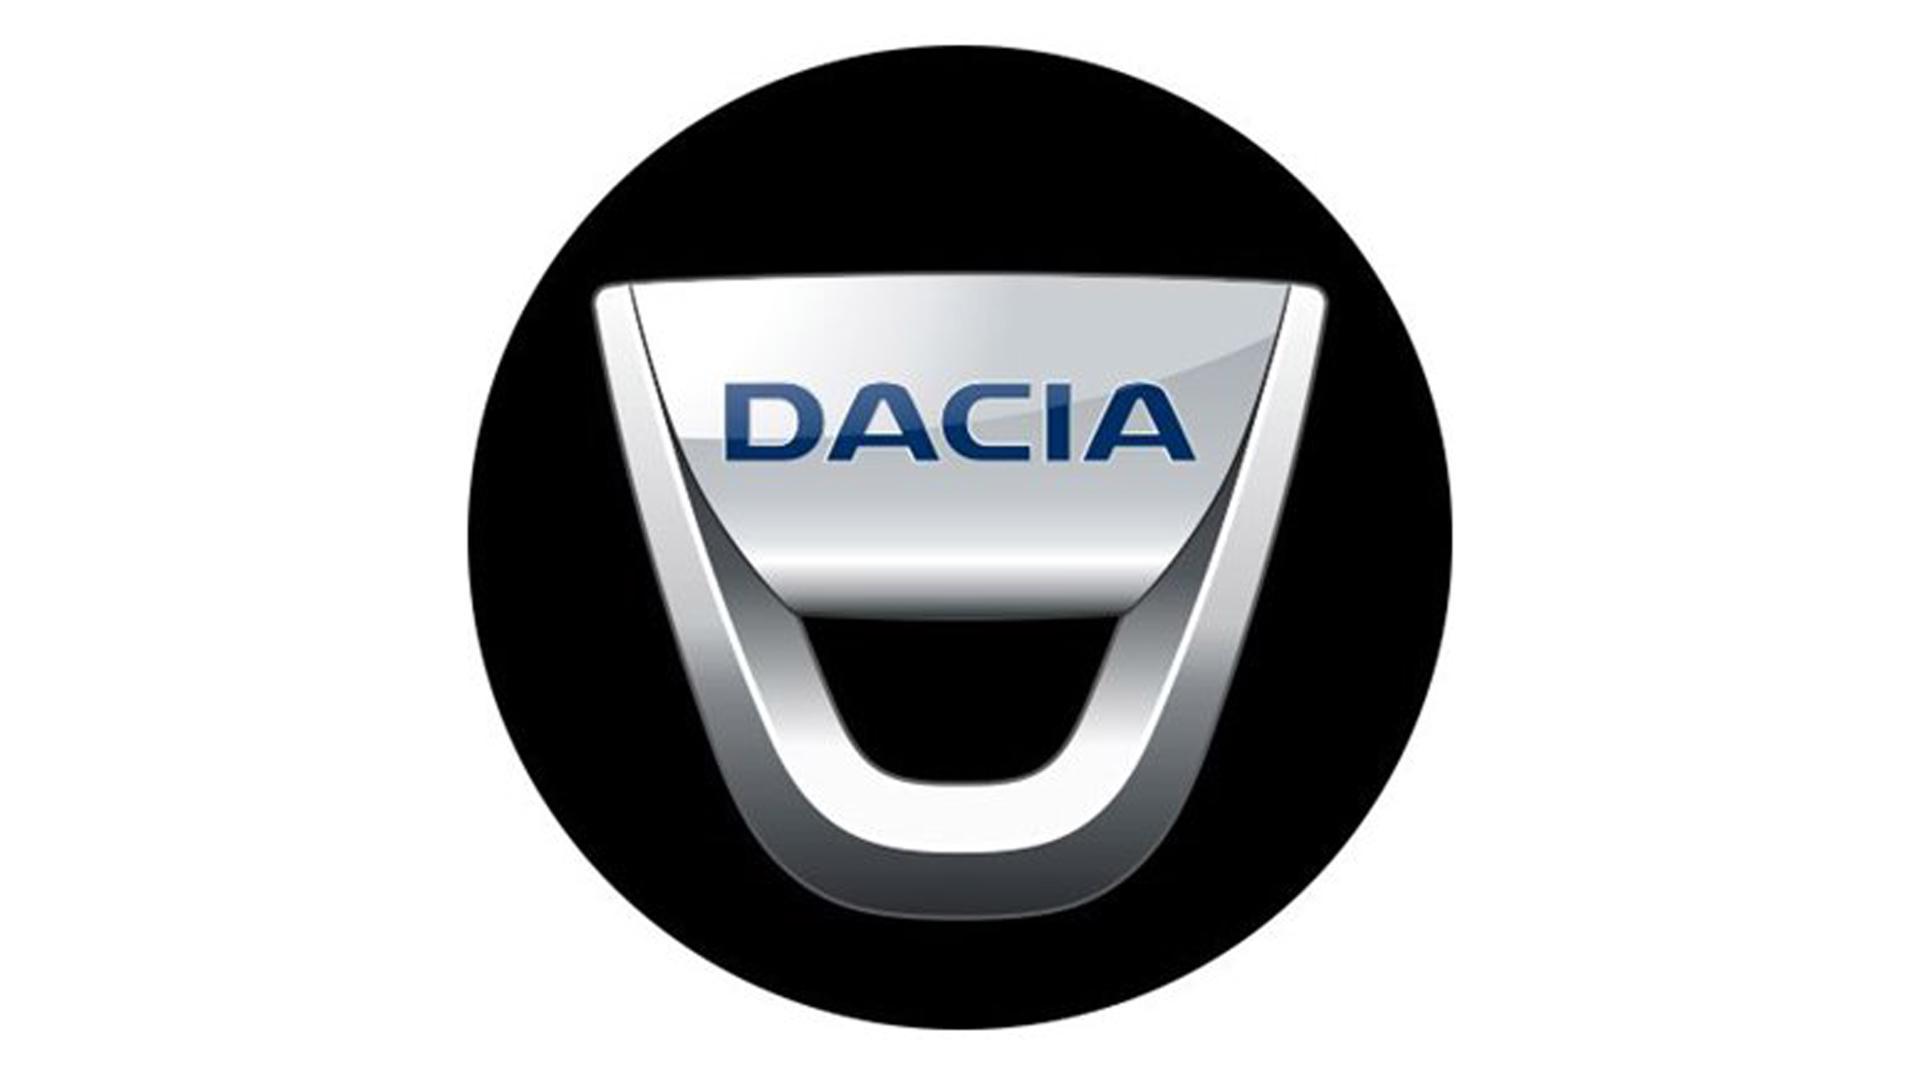 4CARS 3D CAR LOGO DACIA